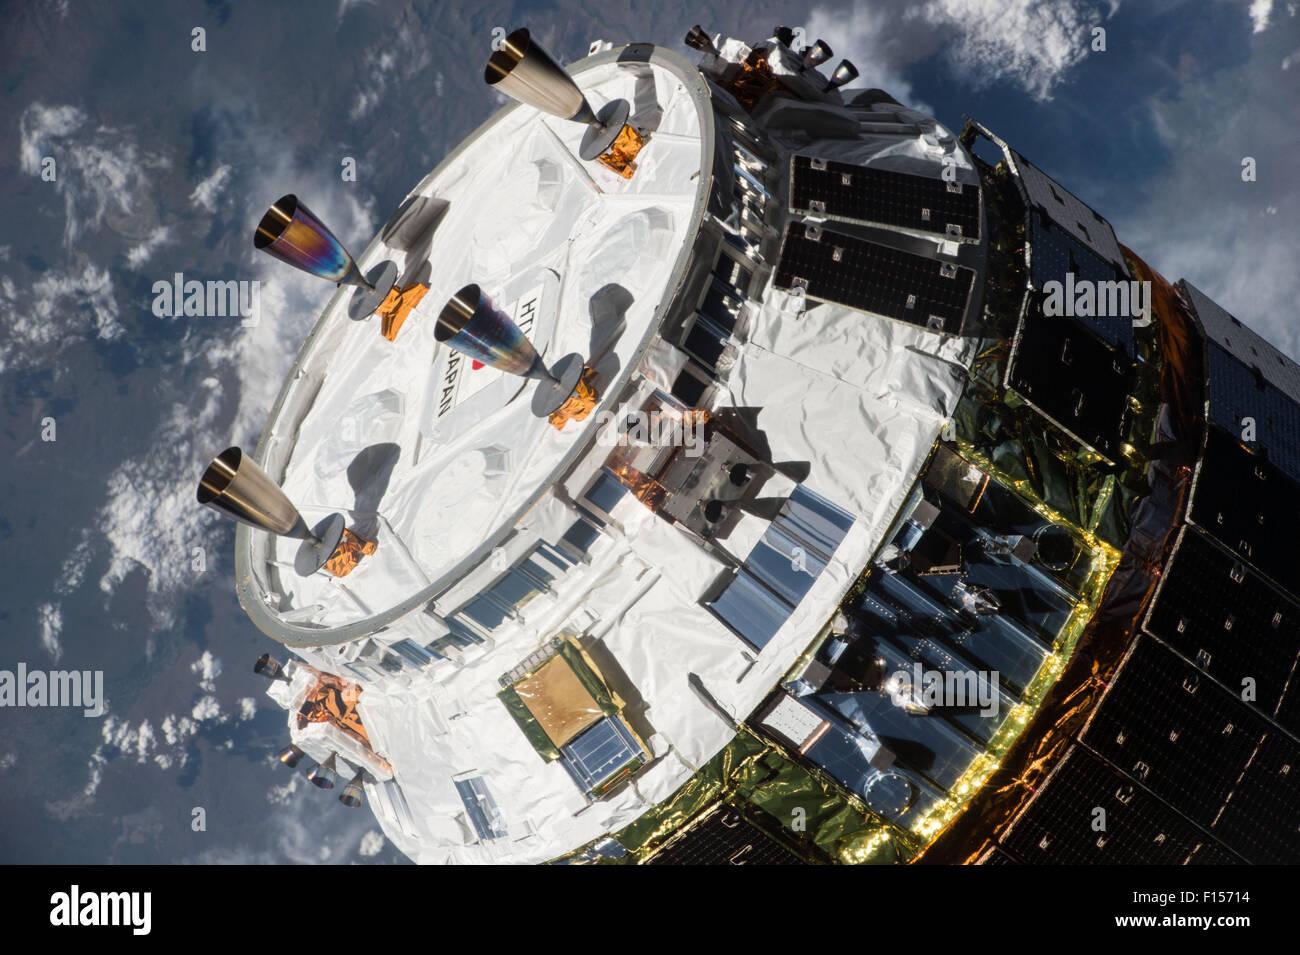 L'Agence japonaise d'exploration aérospatiale Kounotori 5 H-II Transfer Vehicle vaisseaux cargo s'approche Photo Stock